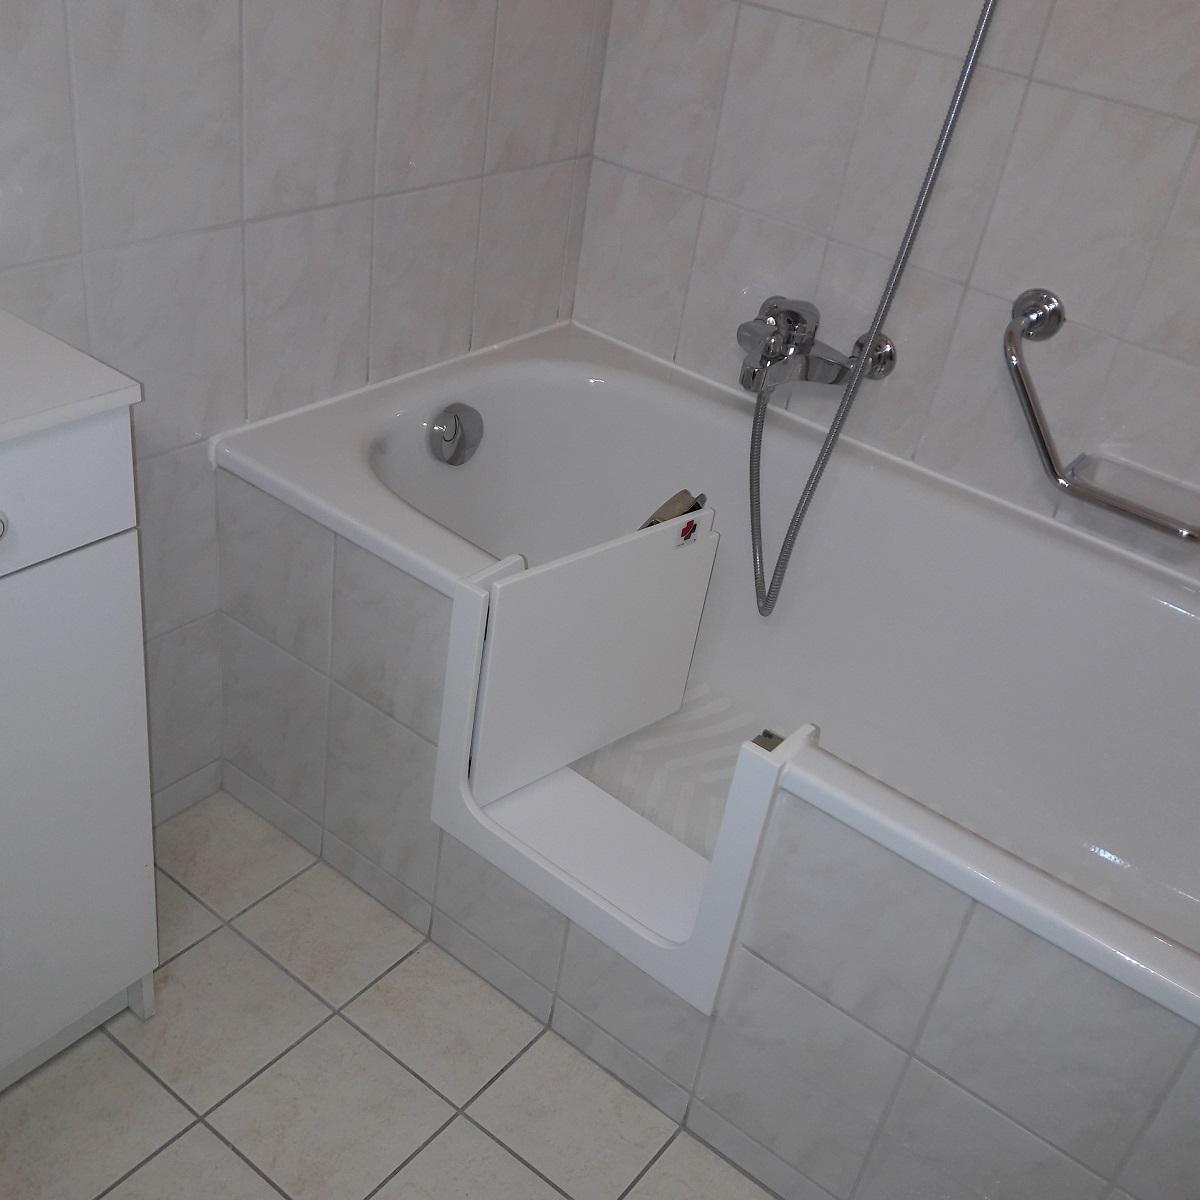 decouvrez egalement notre solution pour transformer votre baignoire en douche